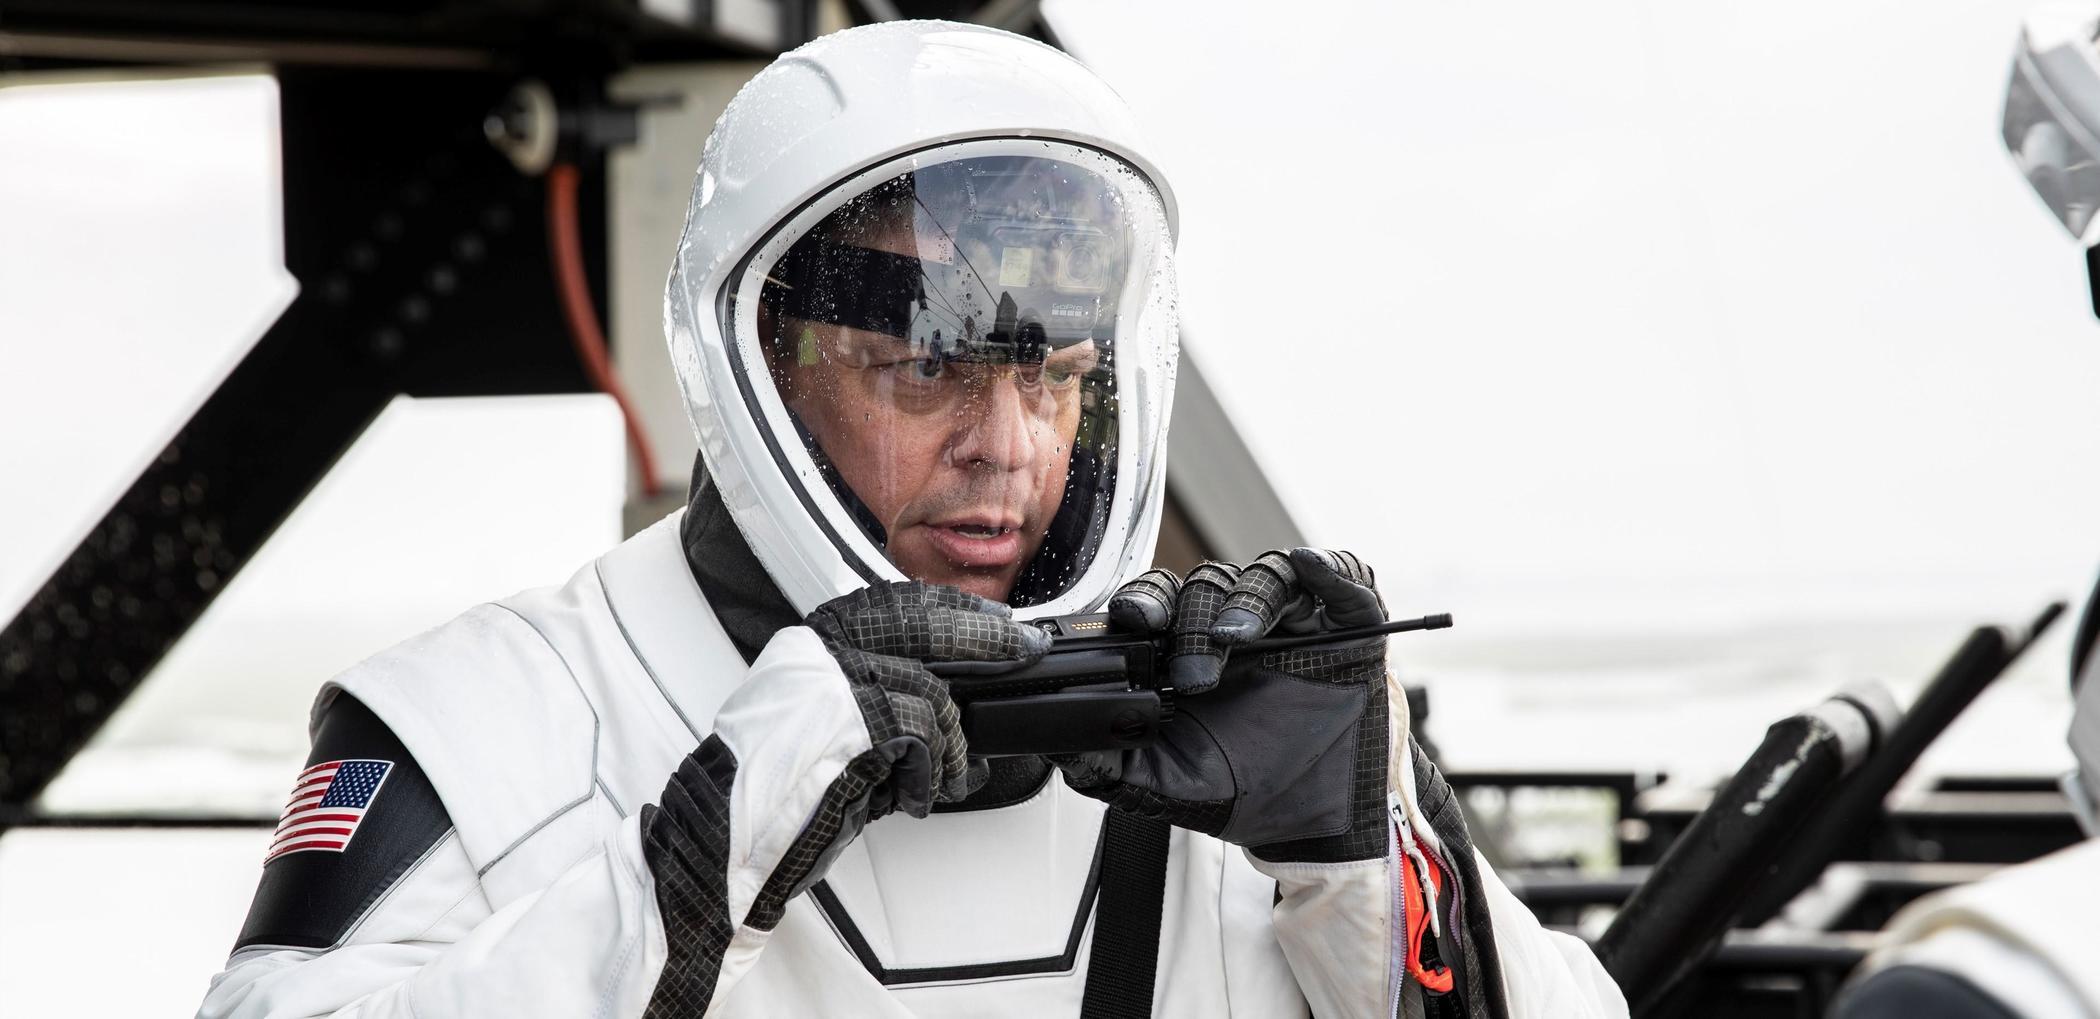 载人龙飞船准备就绪!SpaceX与NASA成功测试逃生系统